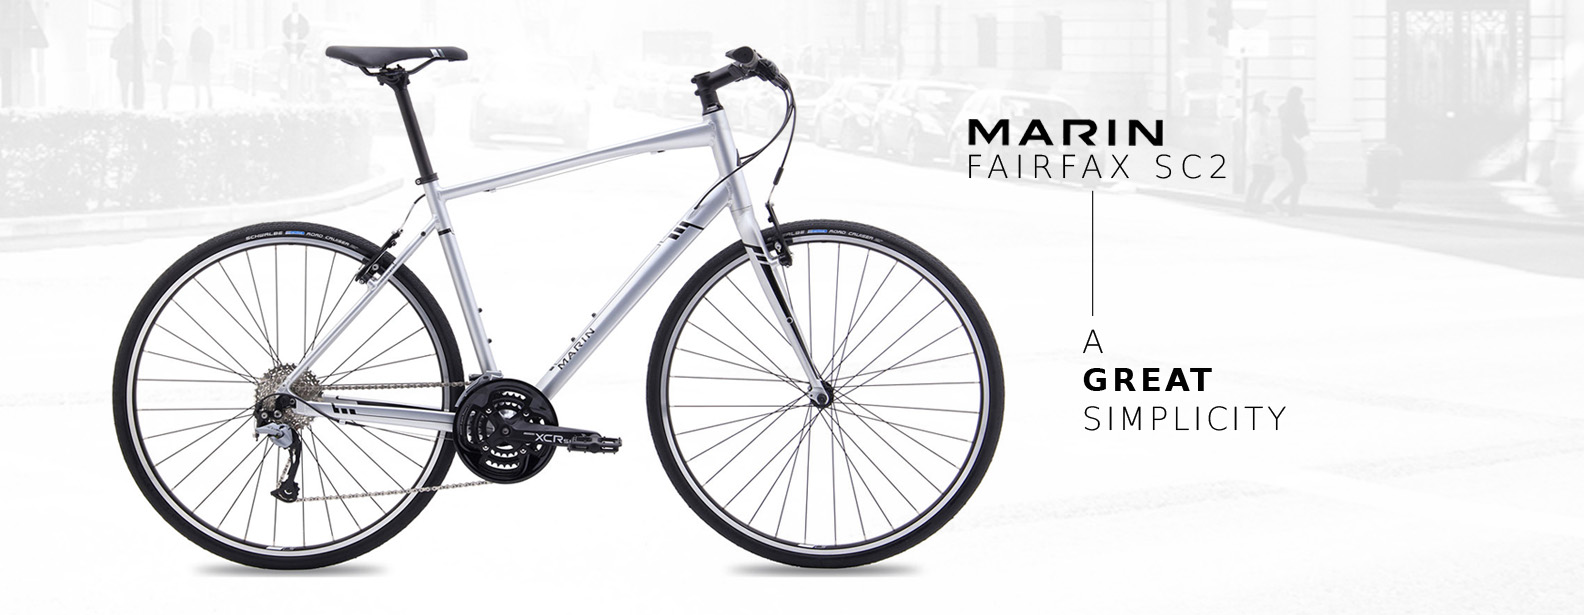 Marin Fairfax SC2 Bike